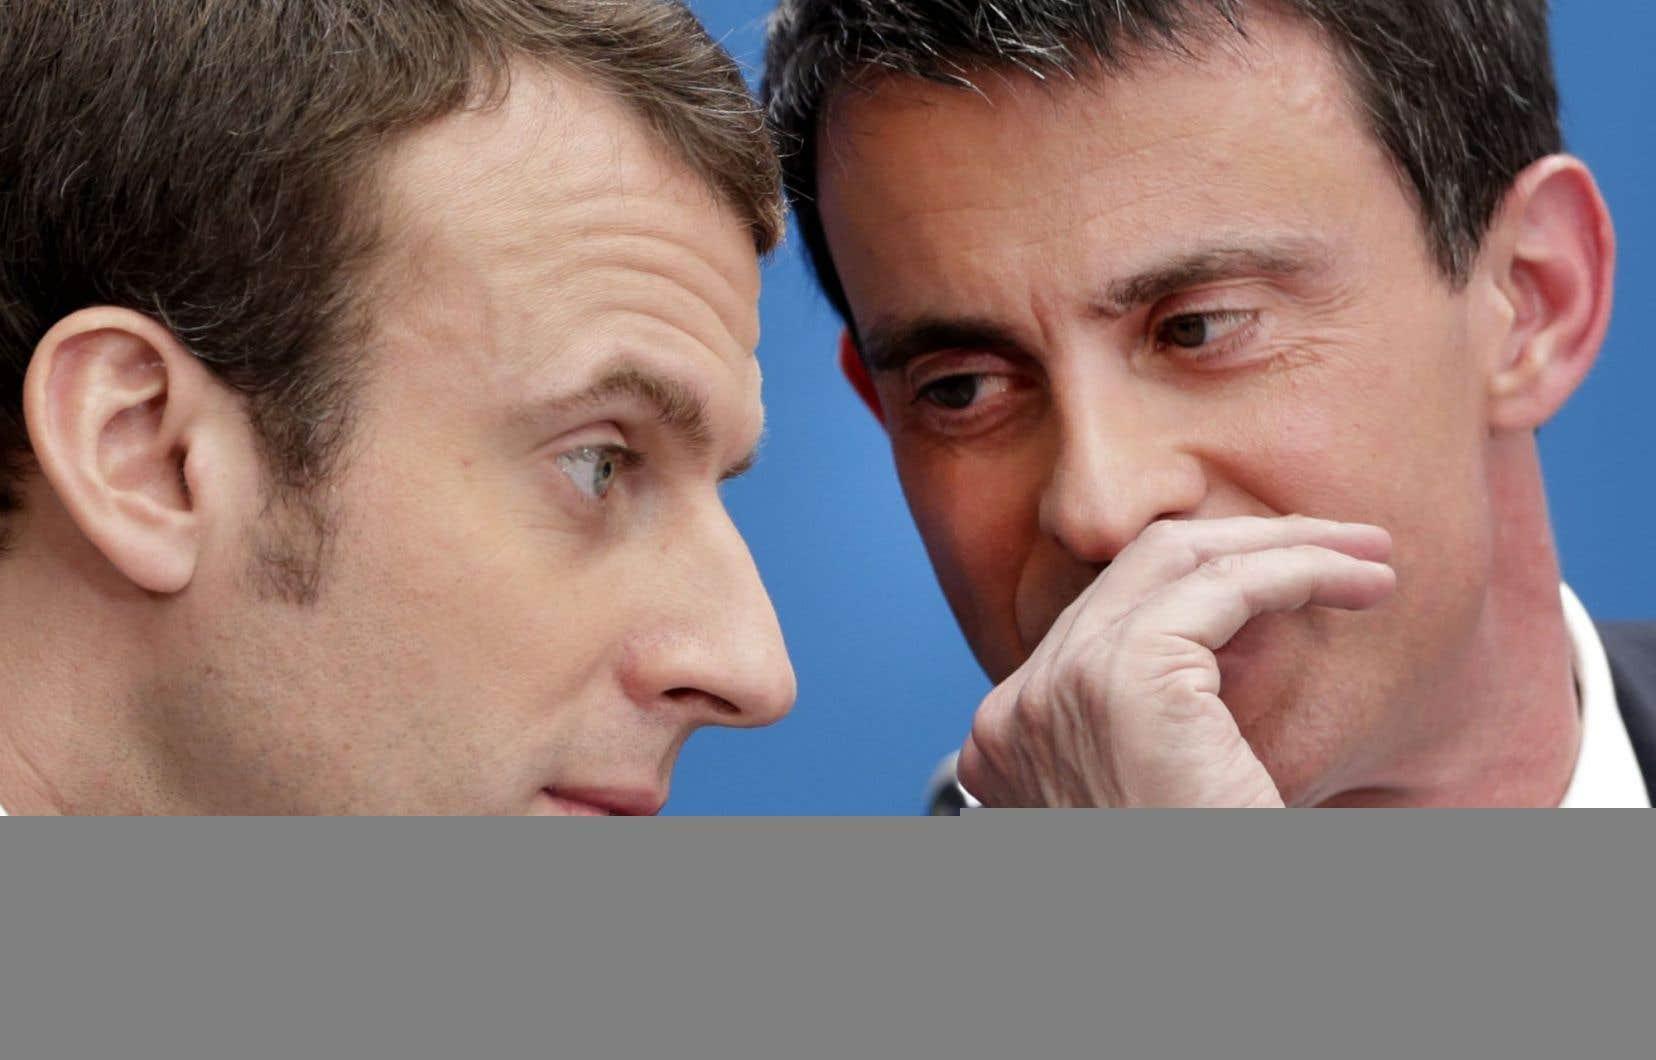 L'ex-premier ministre socialiste Manuel Valls (à droite) a annoncé mercredi qu'il voterait pour le centriste Emmanuel Macron.